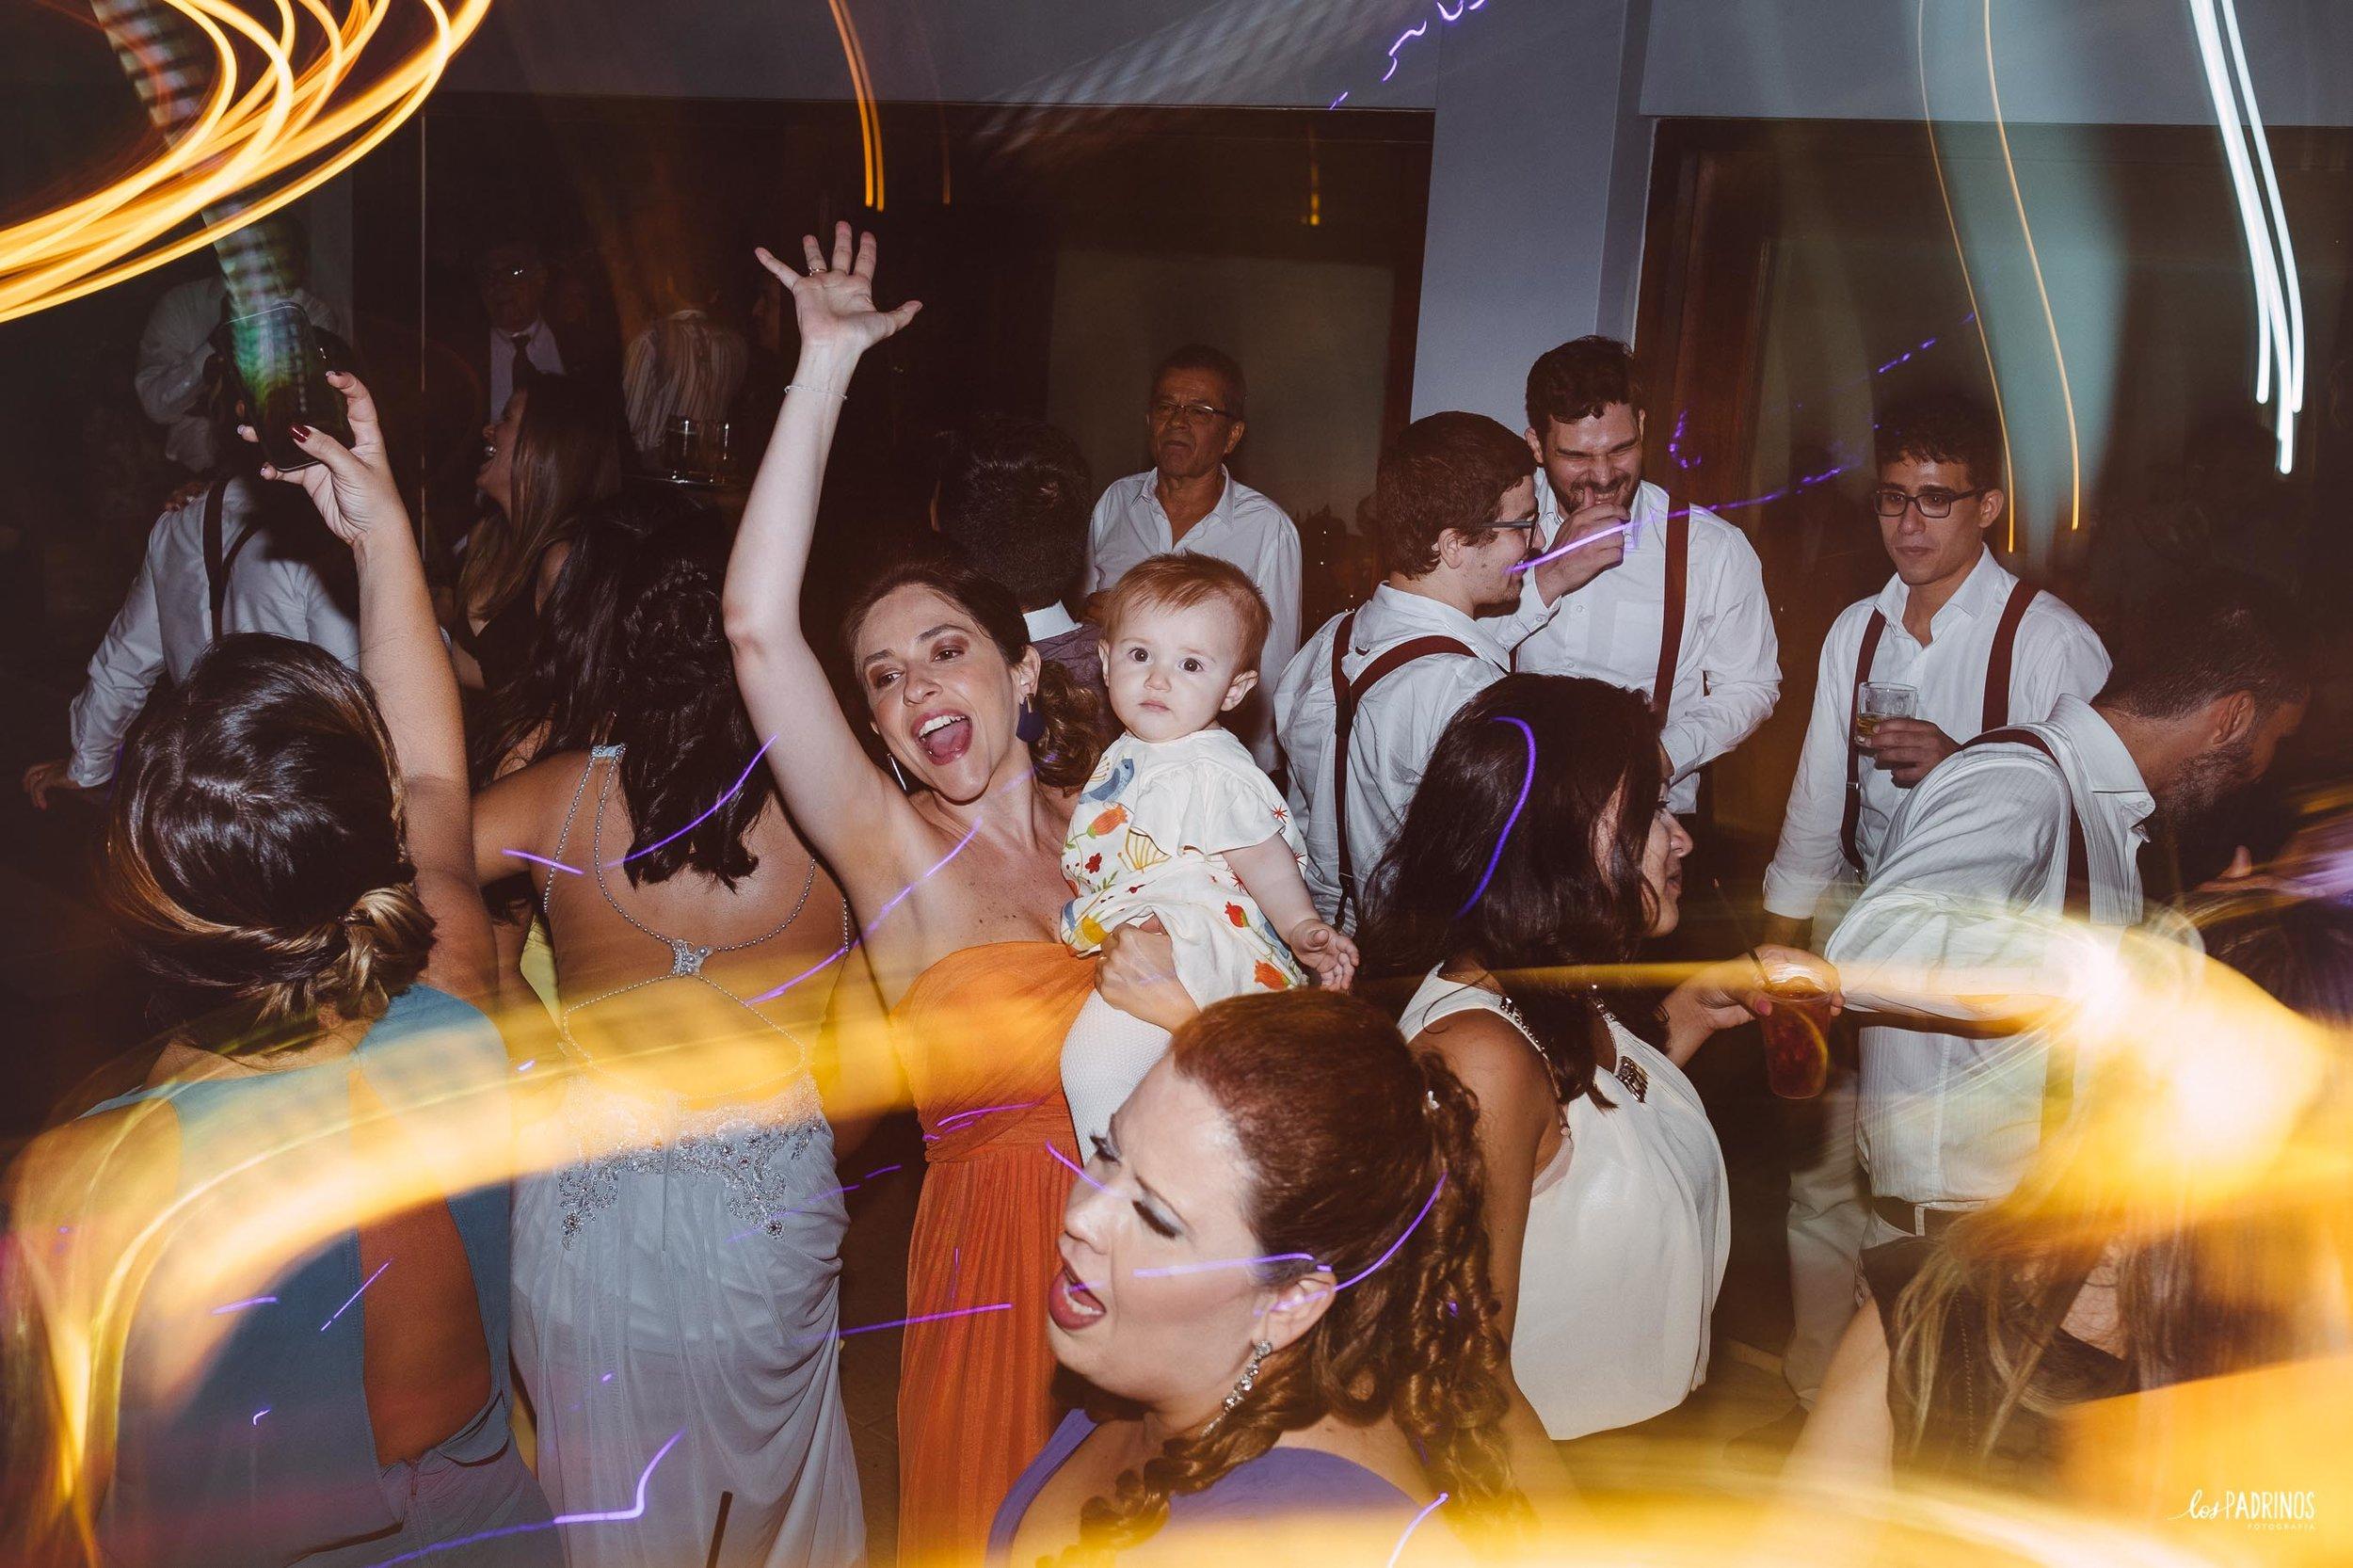 los-padrinos-fotografia-casamento-espaco-arcadia-soraia-roberto-renata-mario_0809.jpg